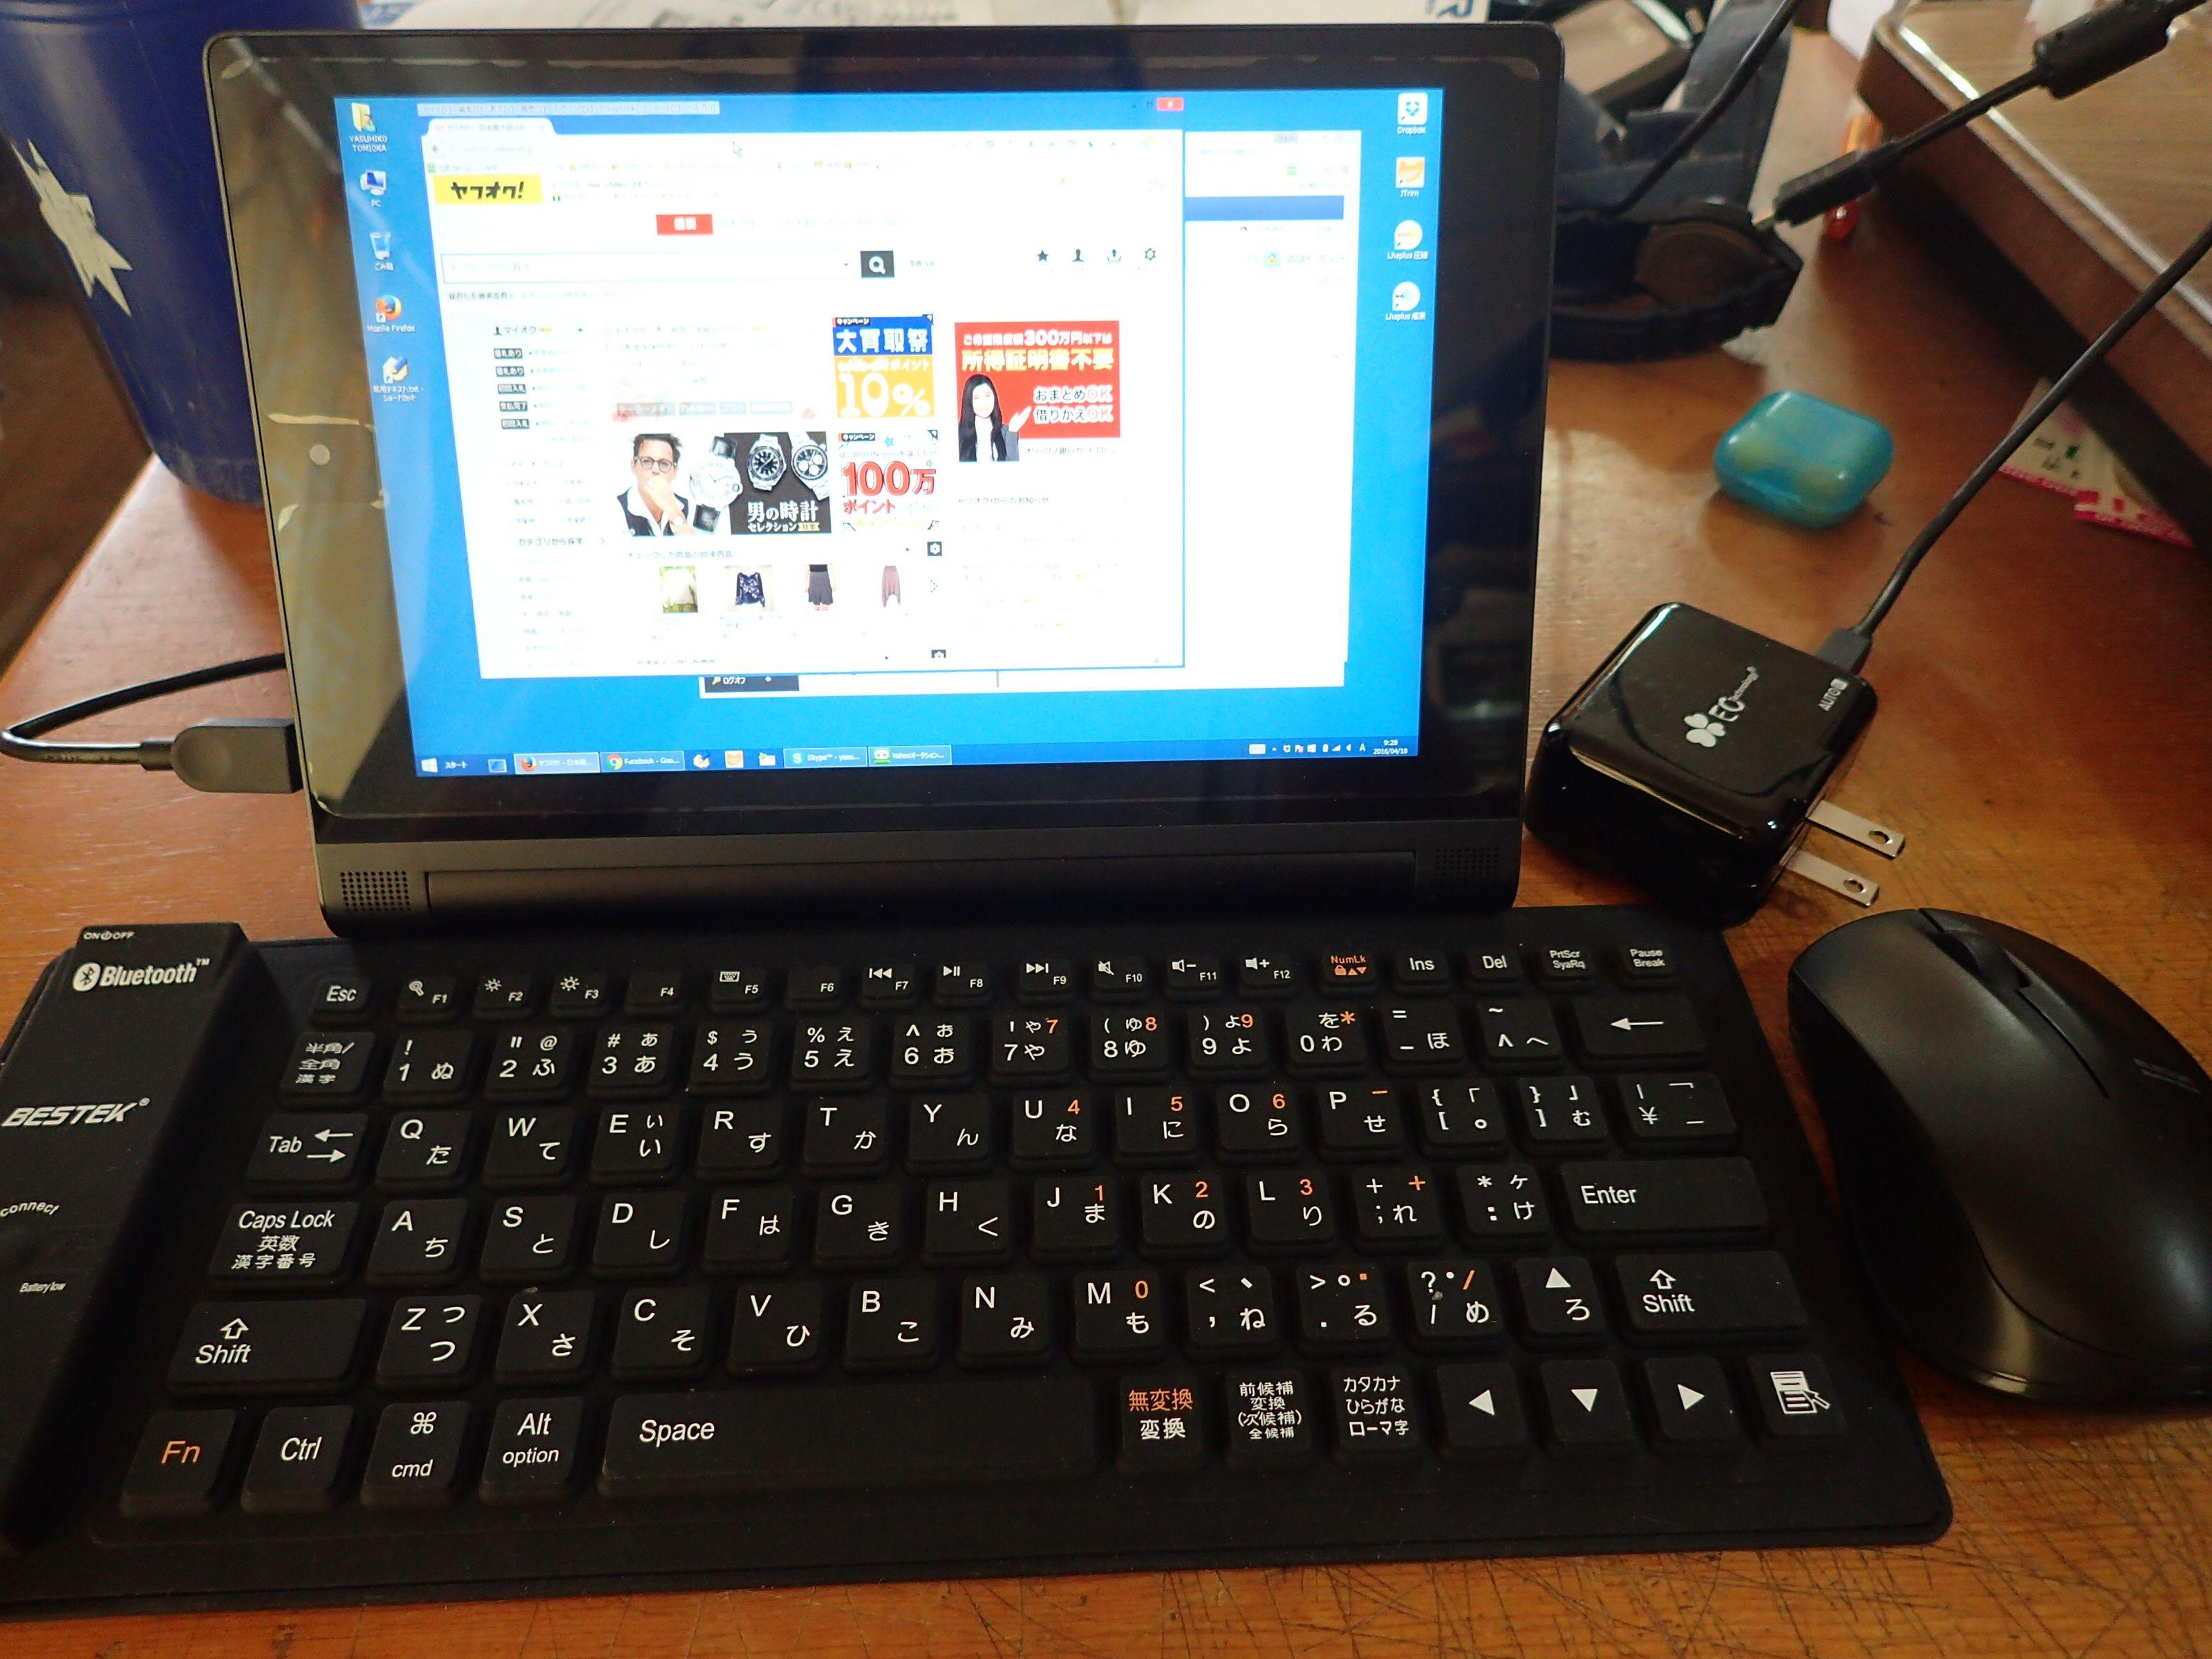 Lenovo Yoga2を快適に使うための周辺機器:厳選6選!【マウス・キーボード・USB電源】